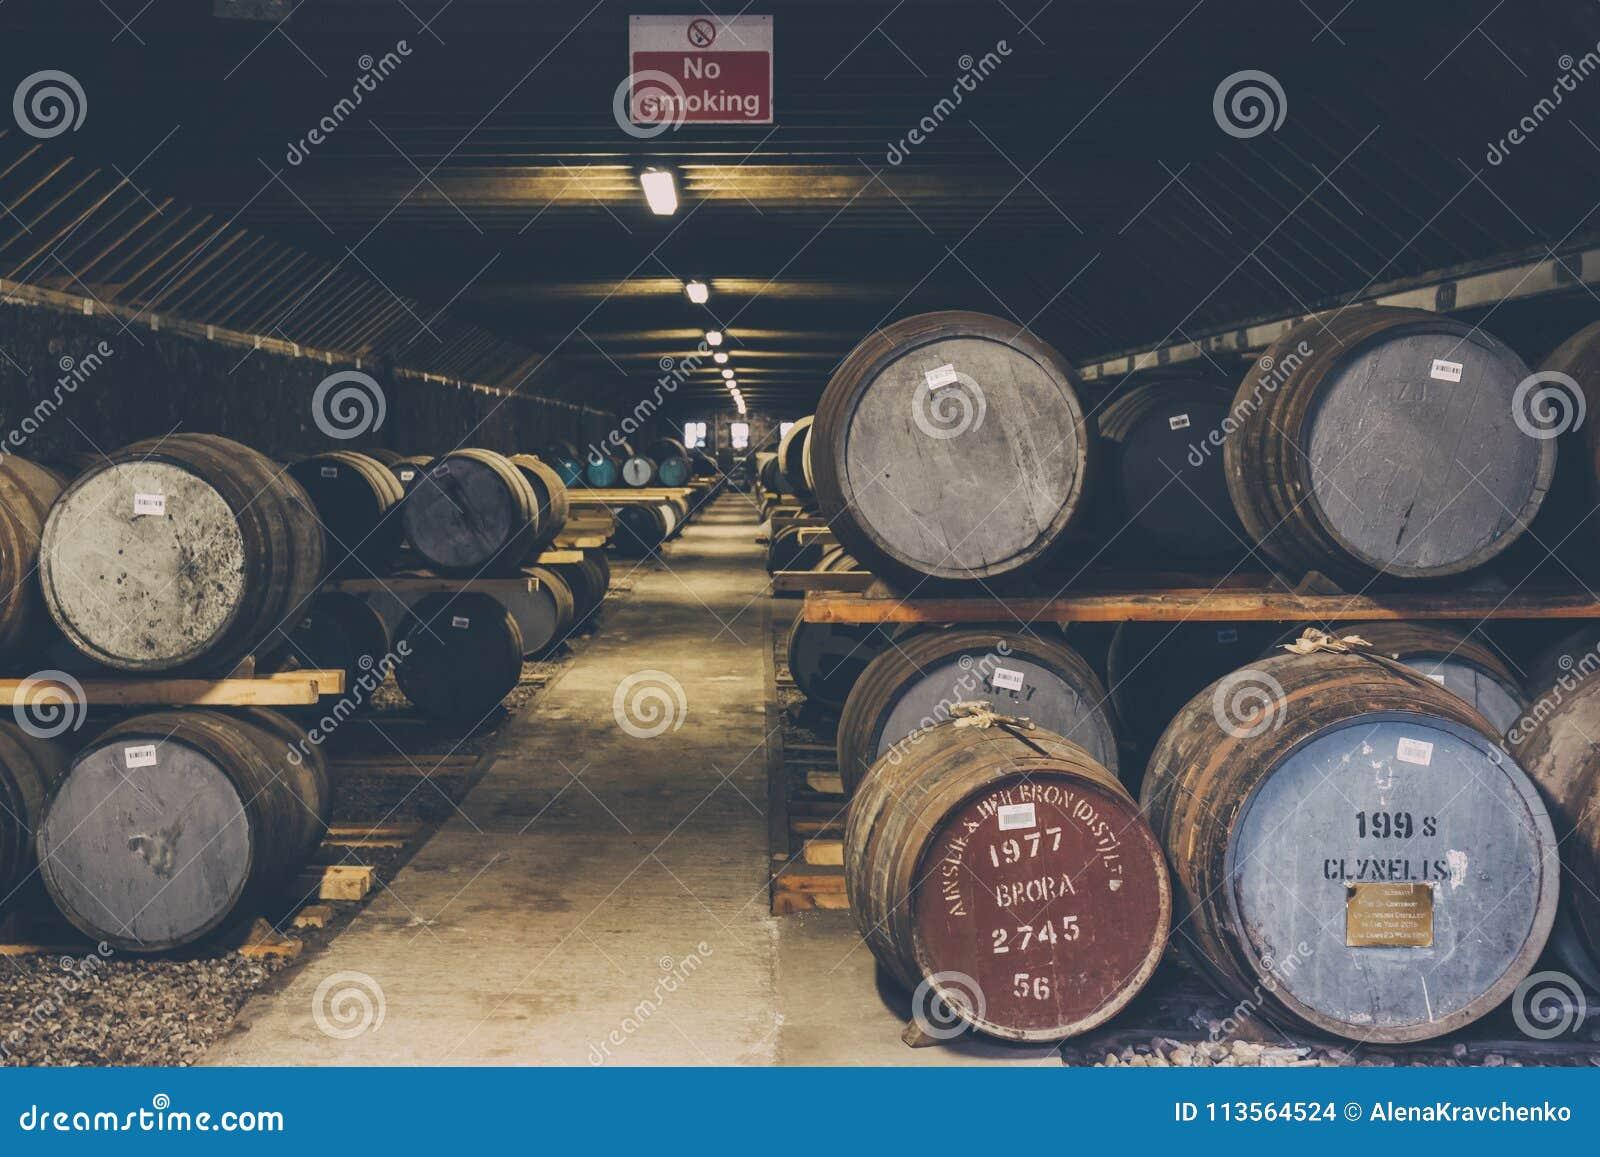 Βαρέλια του ουίσκυ μέσα στην αποθήκη εμπορευμάτων οινοπνευματοποιιών Brora στη Σκωτία, σπάνιο ουίσκυ Brora στο μέτωπο